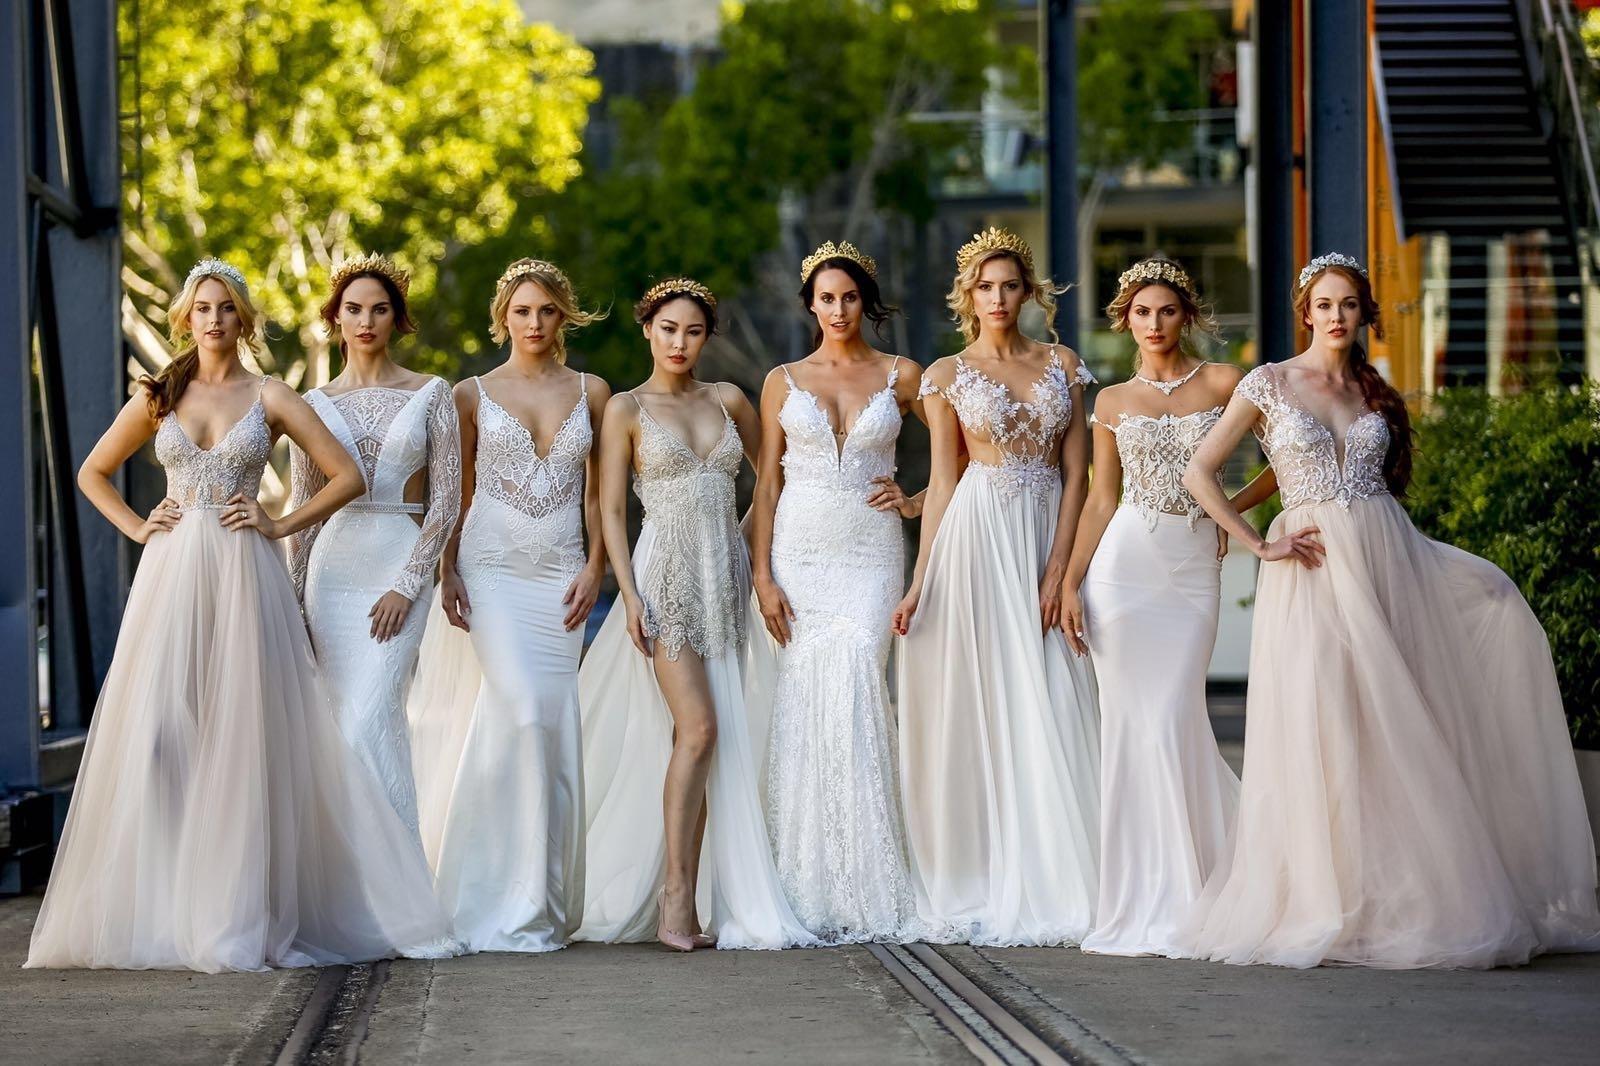 10 Coolste Brautkleider Und Abendkleider Spezialgebiet10 Schön Brautkleider Und Abendkleider Design